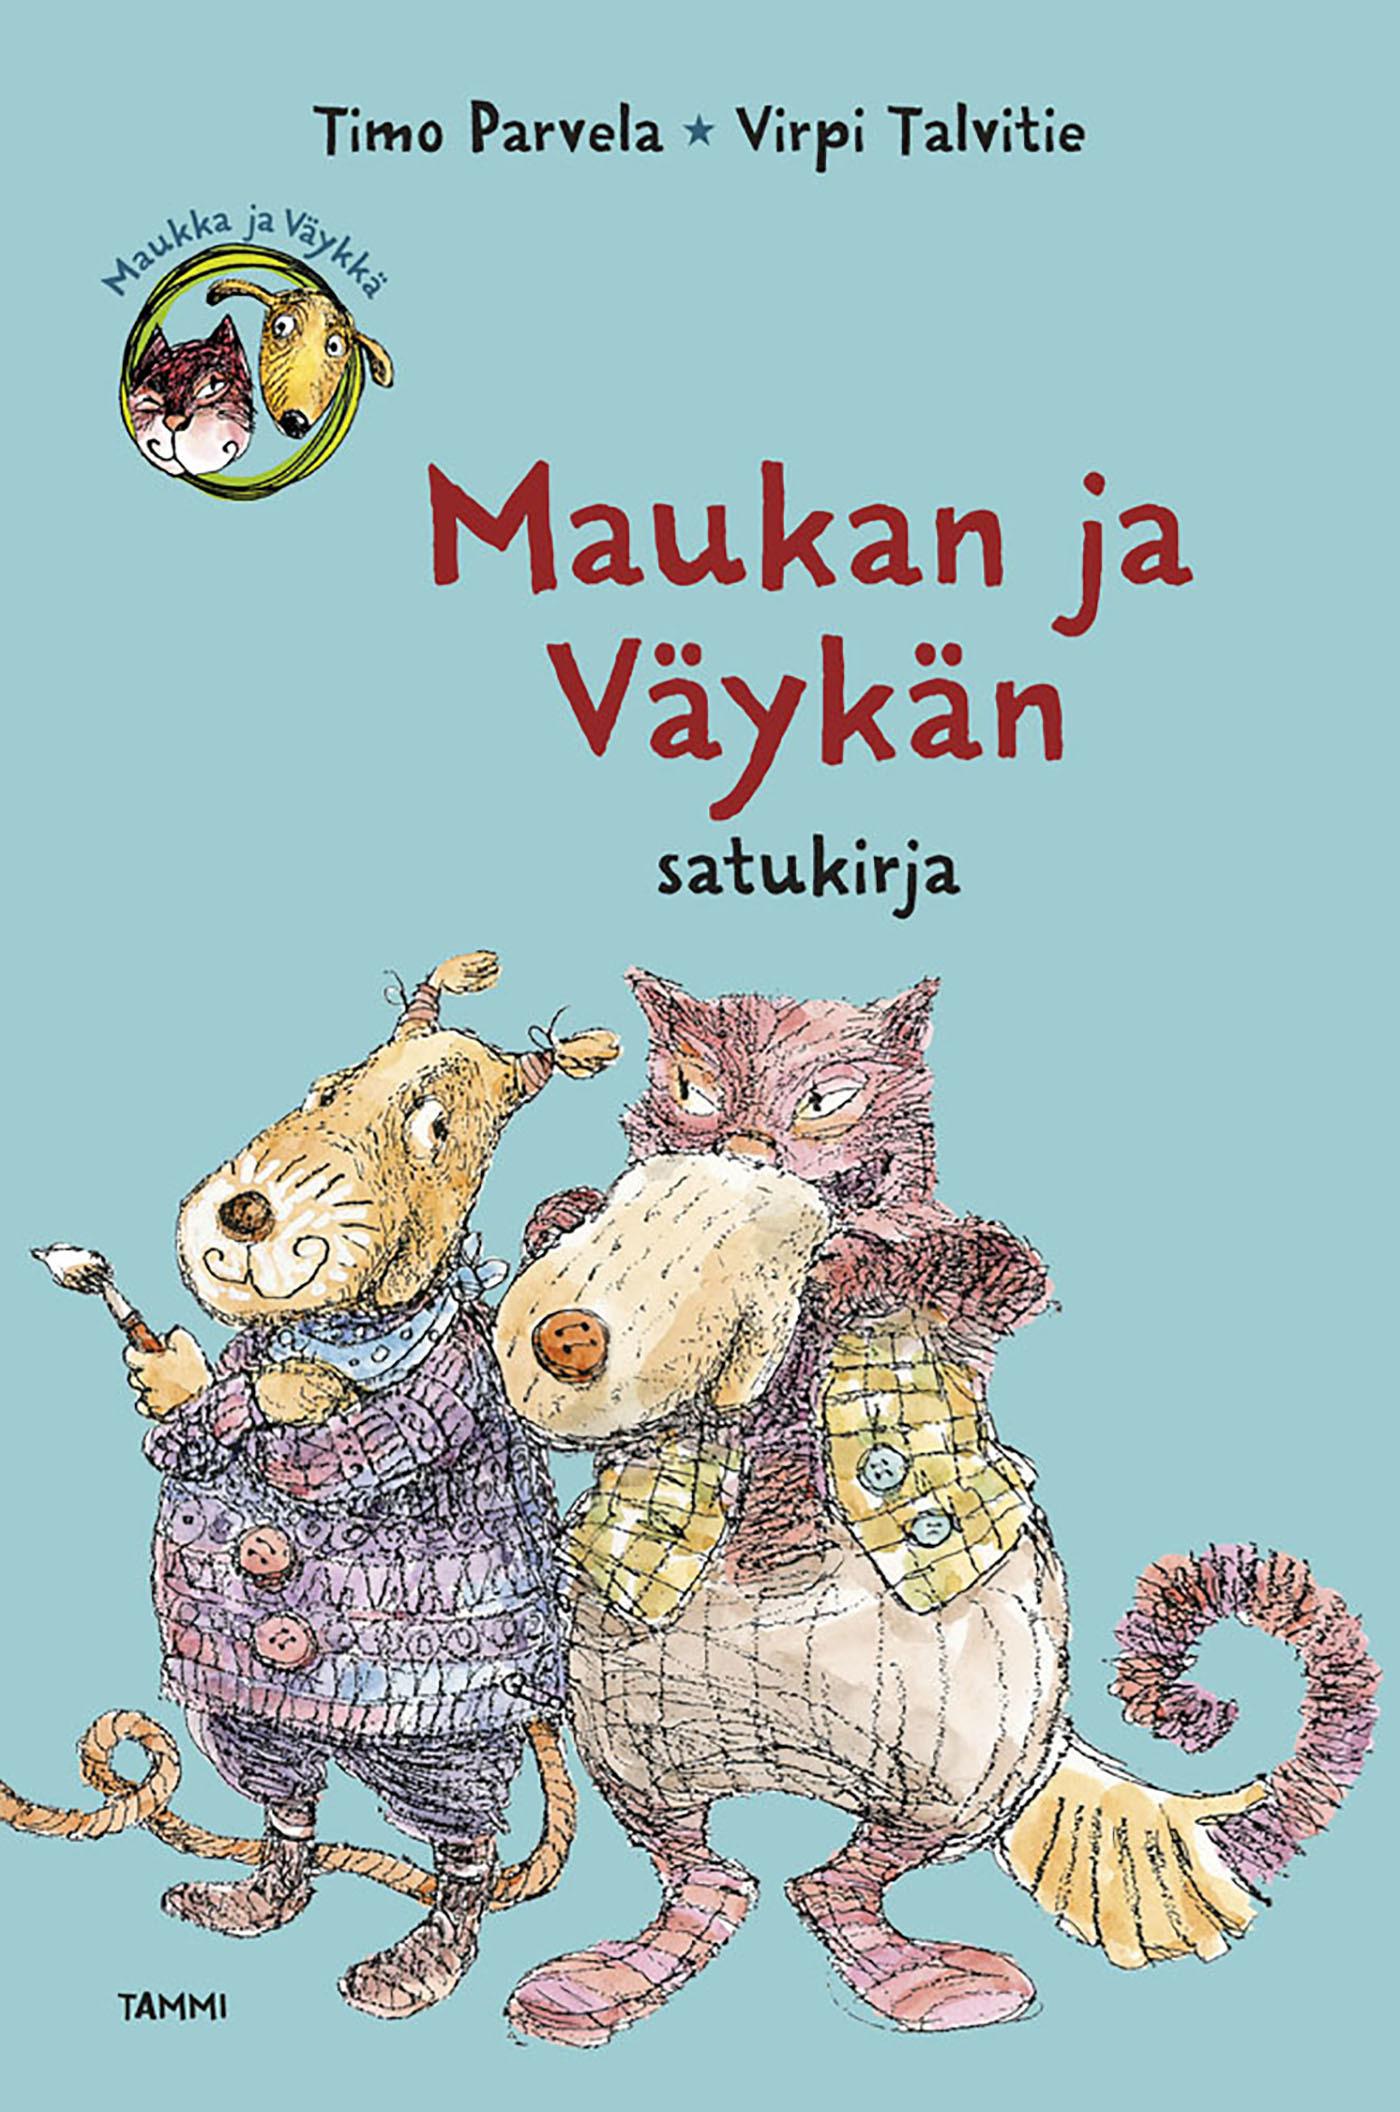 Parvela, Timo - Maukan ja Väykän satukirja, ebook